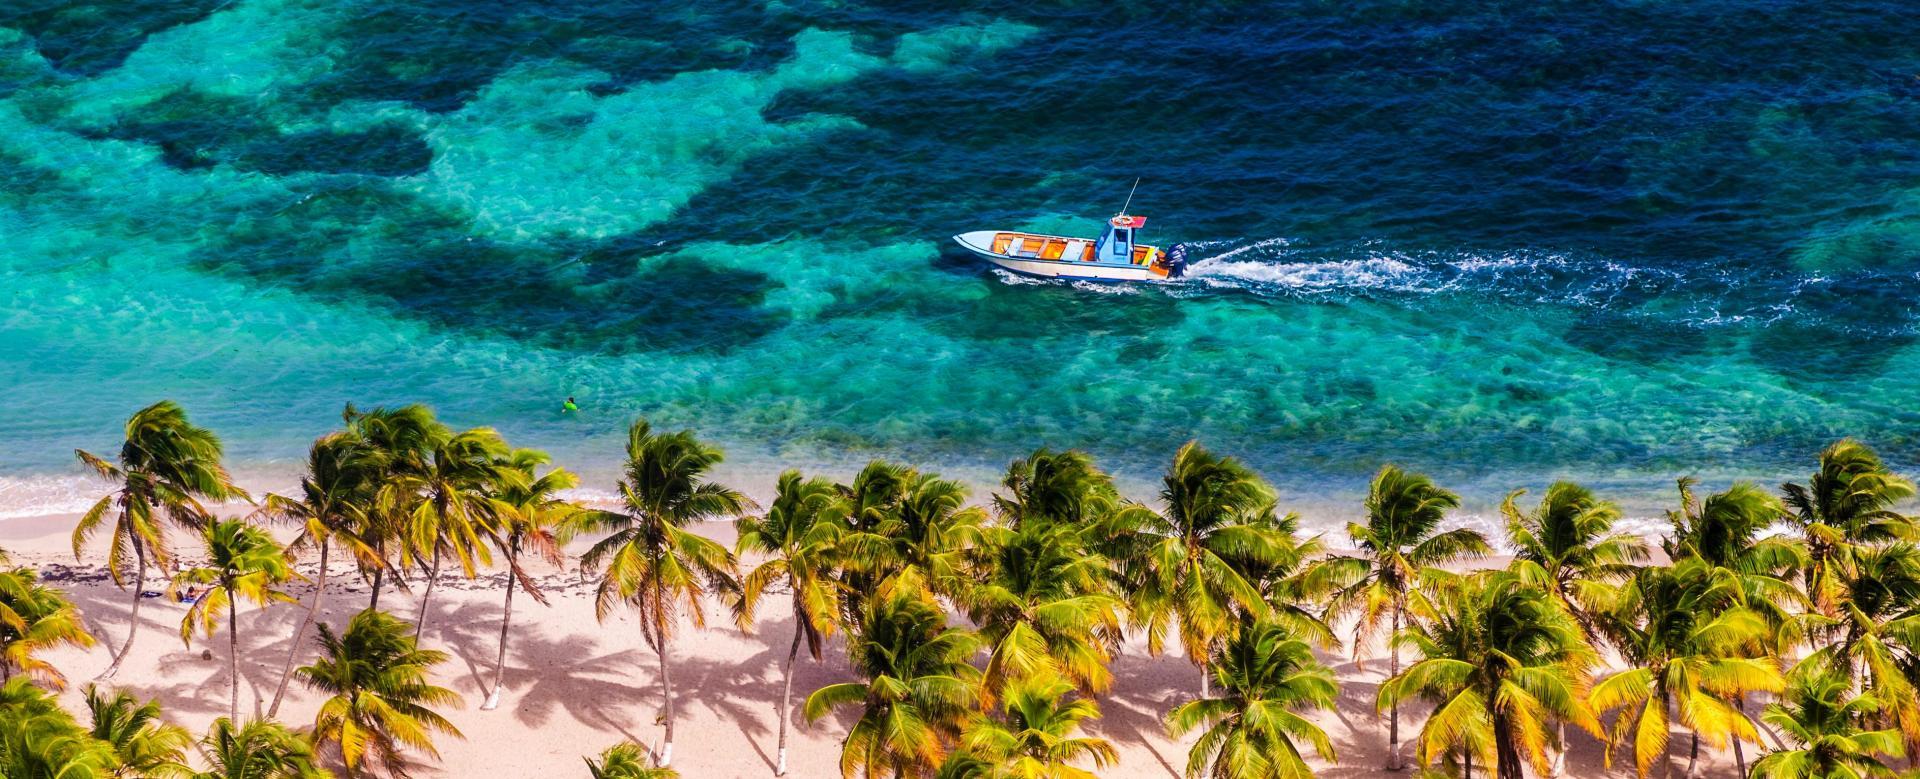 Voyage à pied : Guadeloupe, l'île nature